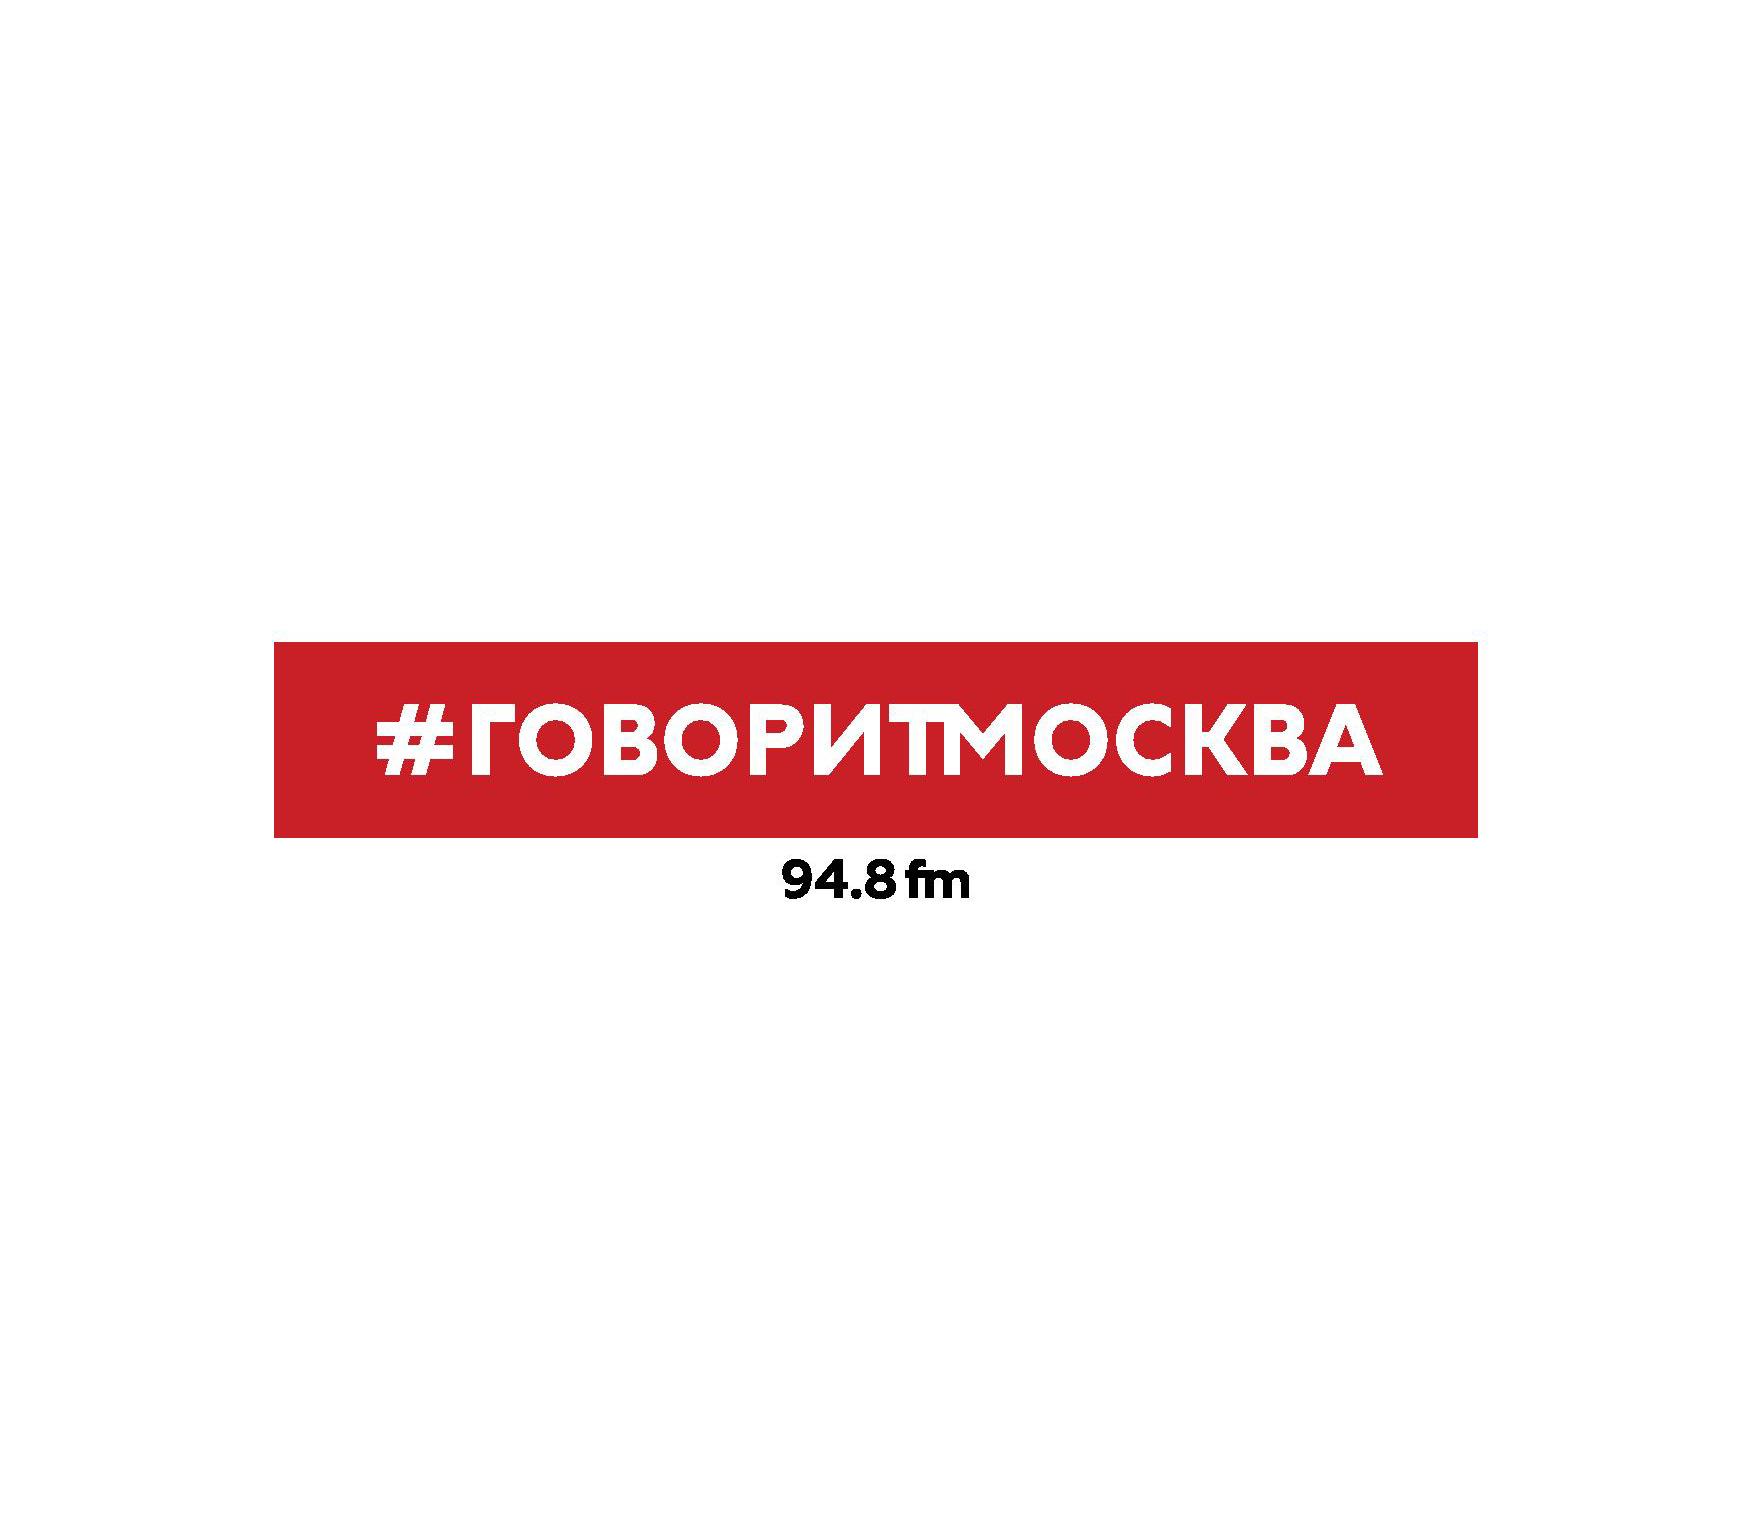 Макс Челноков 29 марта. Ольга Ковитиди